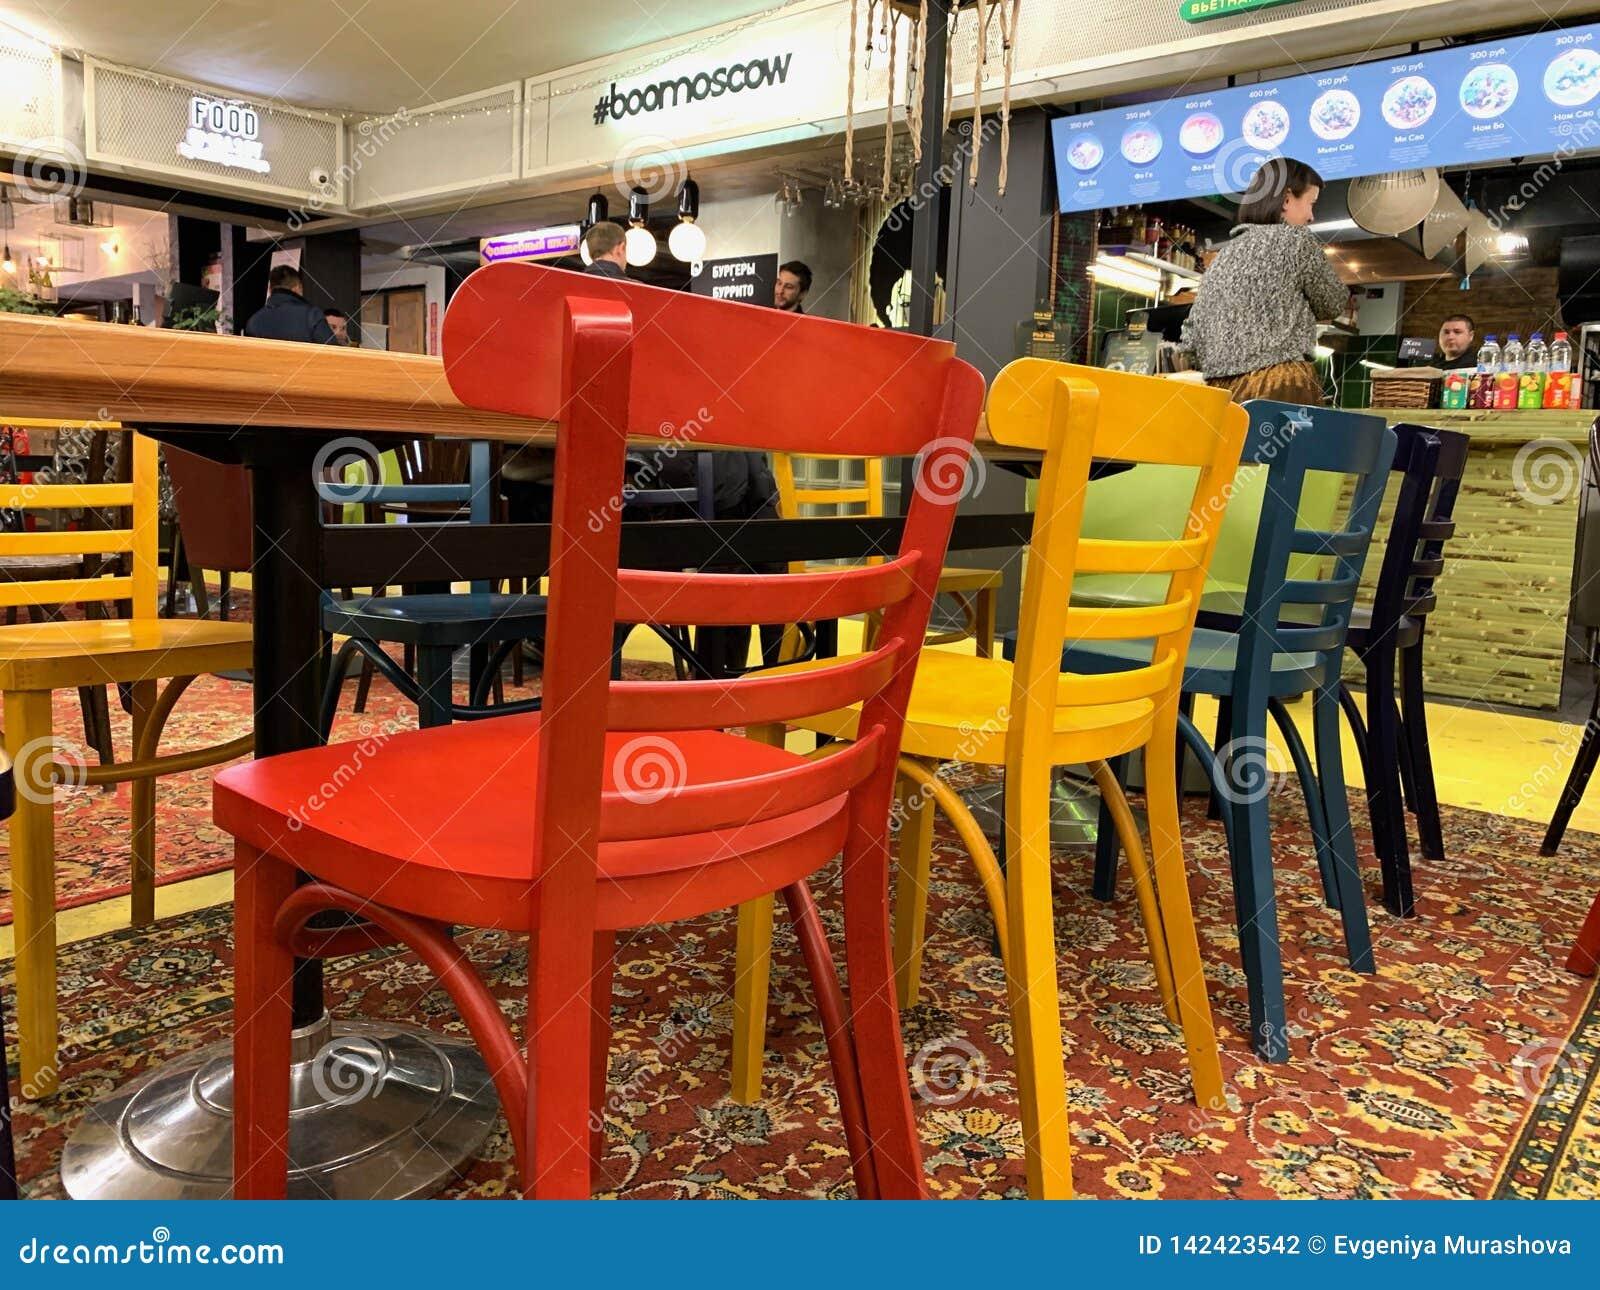 Sillas modernas en el restaurante Ð Ñ 'del  Ñ del 'Ð?ÐºÑ de е Ñ del 'de Ð¸Ñ del ‹Ð Ð?Д, ‹del ¼ Ð?Ñ€Ñ del ¿Ñ€Ð¸Ð del 'ÑŒ Ð del